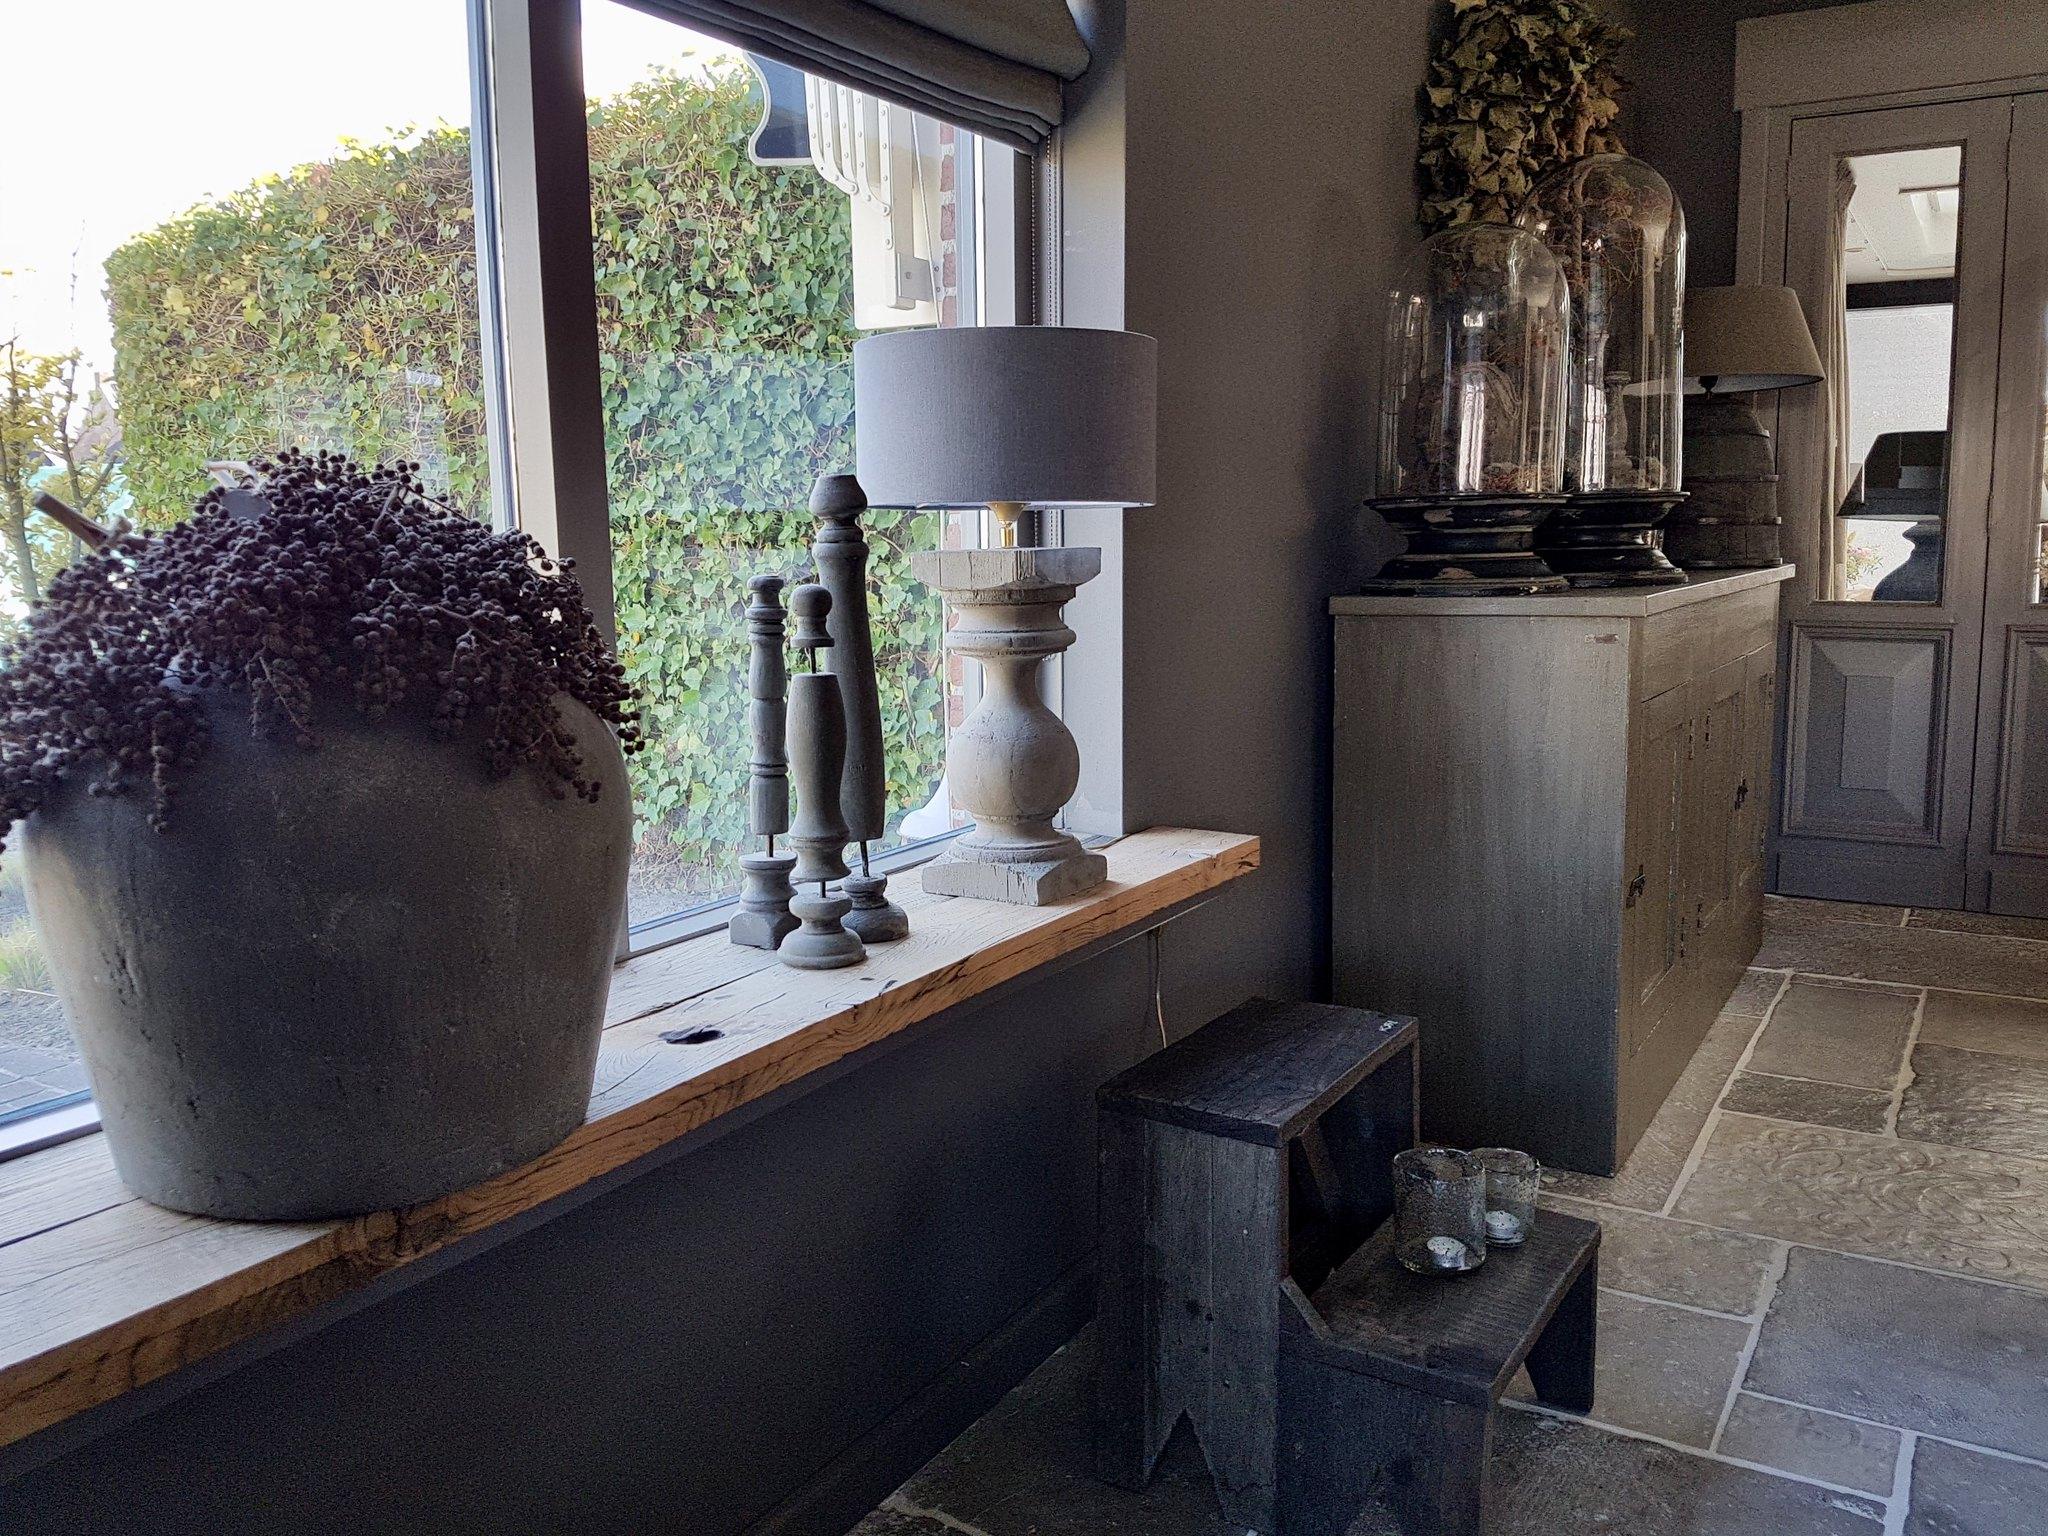 Binnenkijken bij thea de wemelaer for Decoratie vensterbank keuken